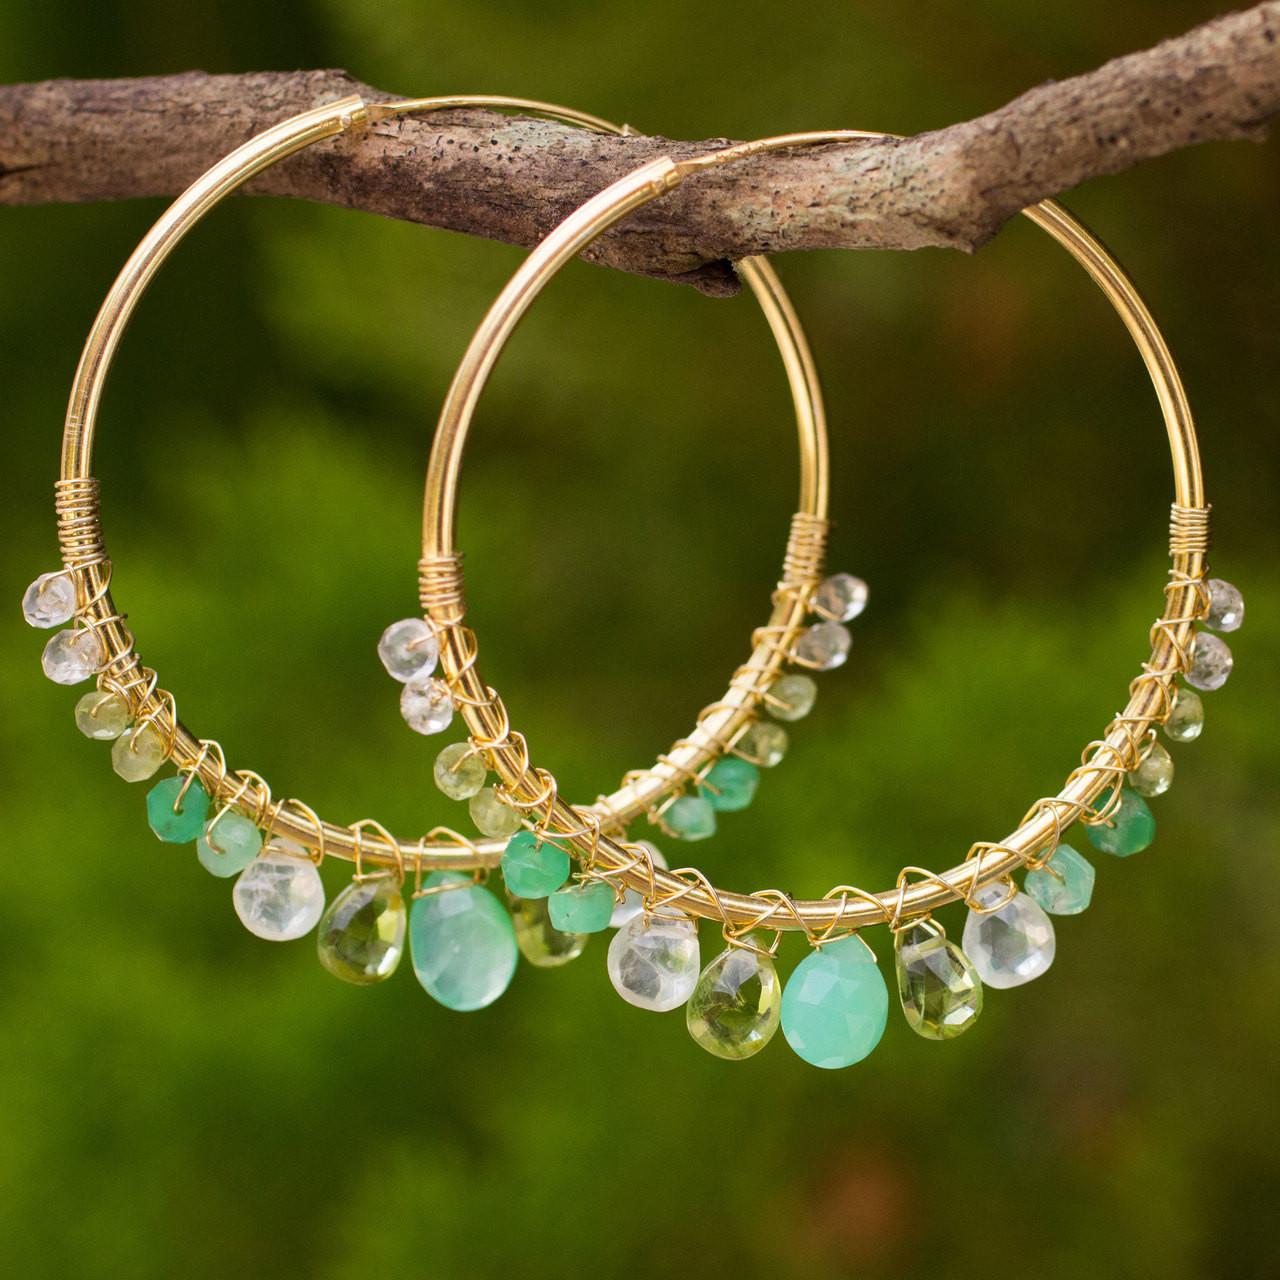 Gold Plated Hoop Earrings with Assorted Green Gemstones 'Spring Serenade'